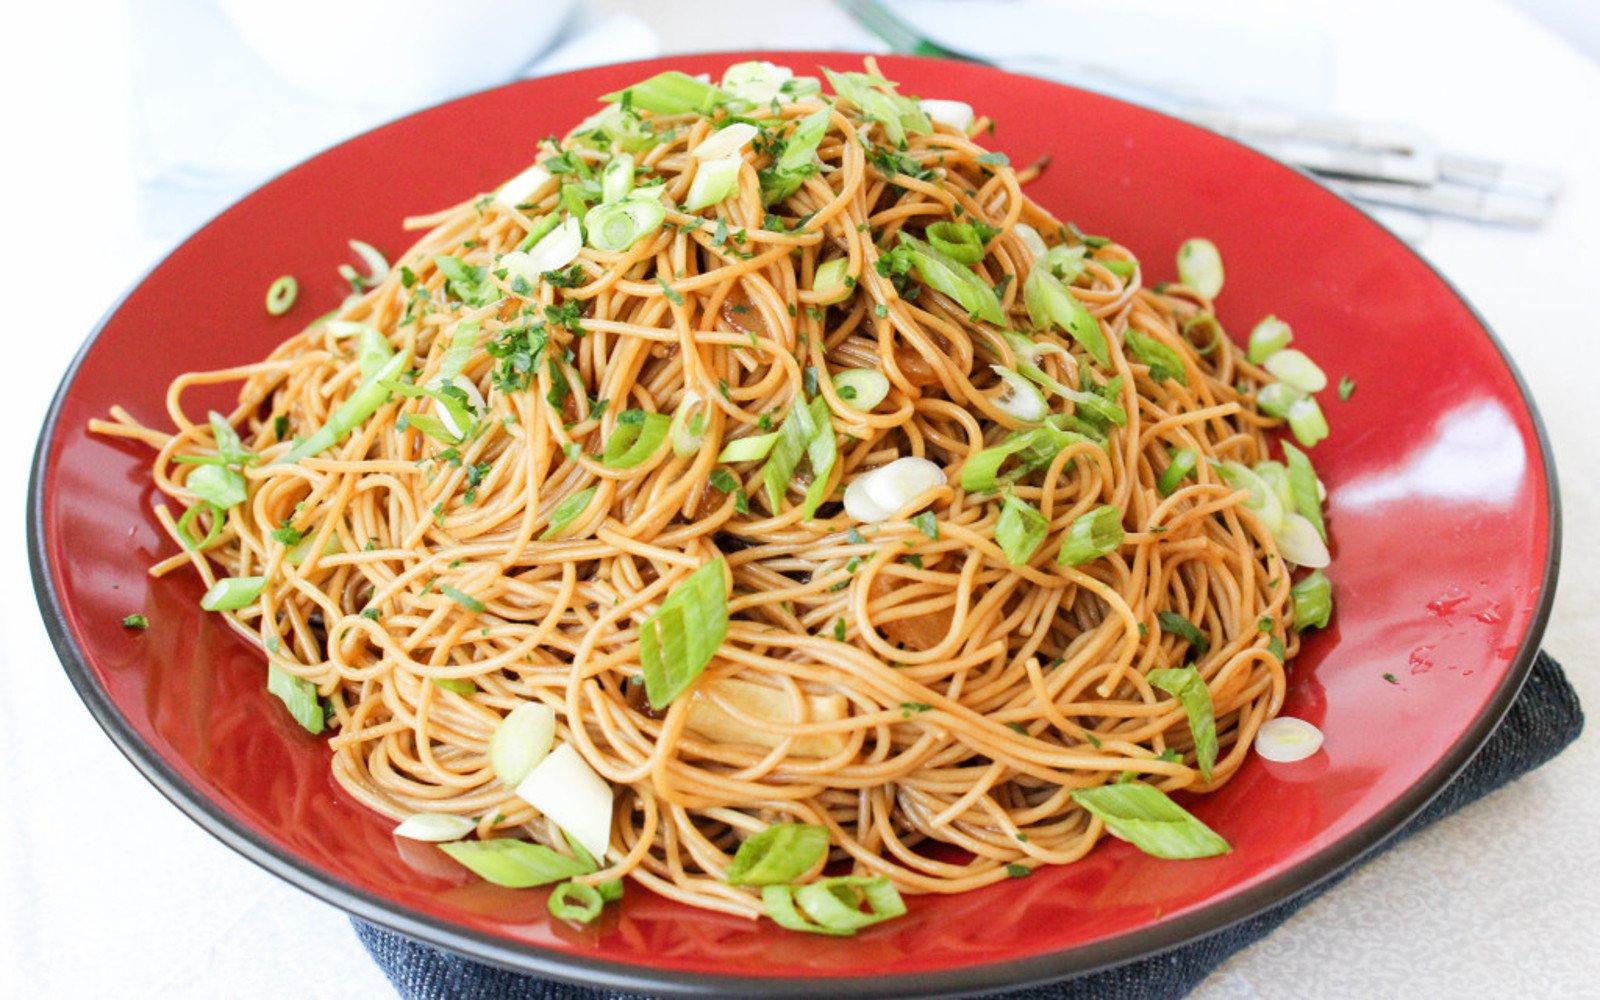 bami noodles